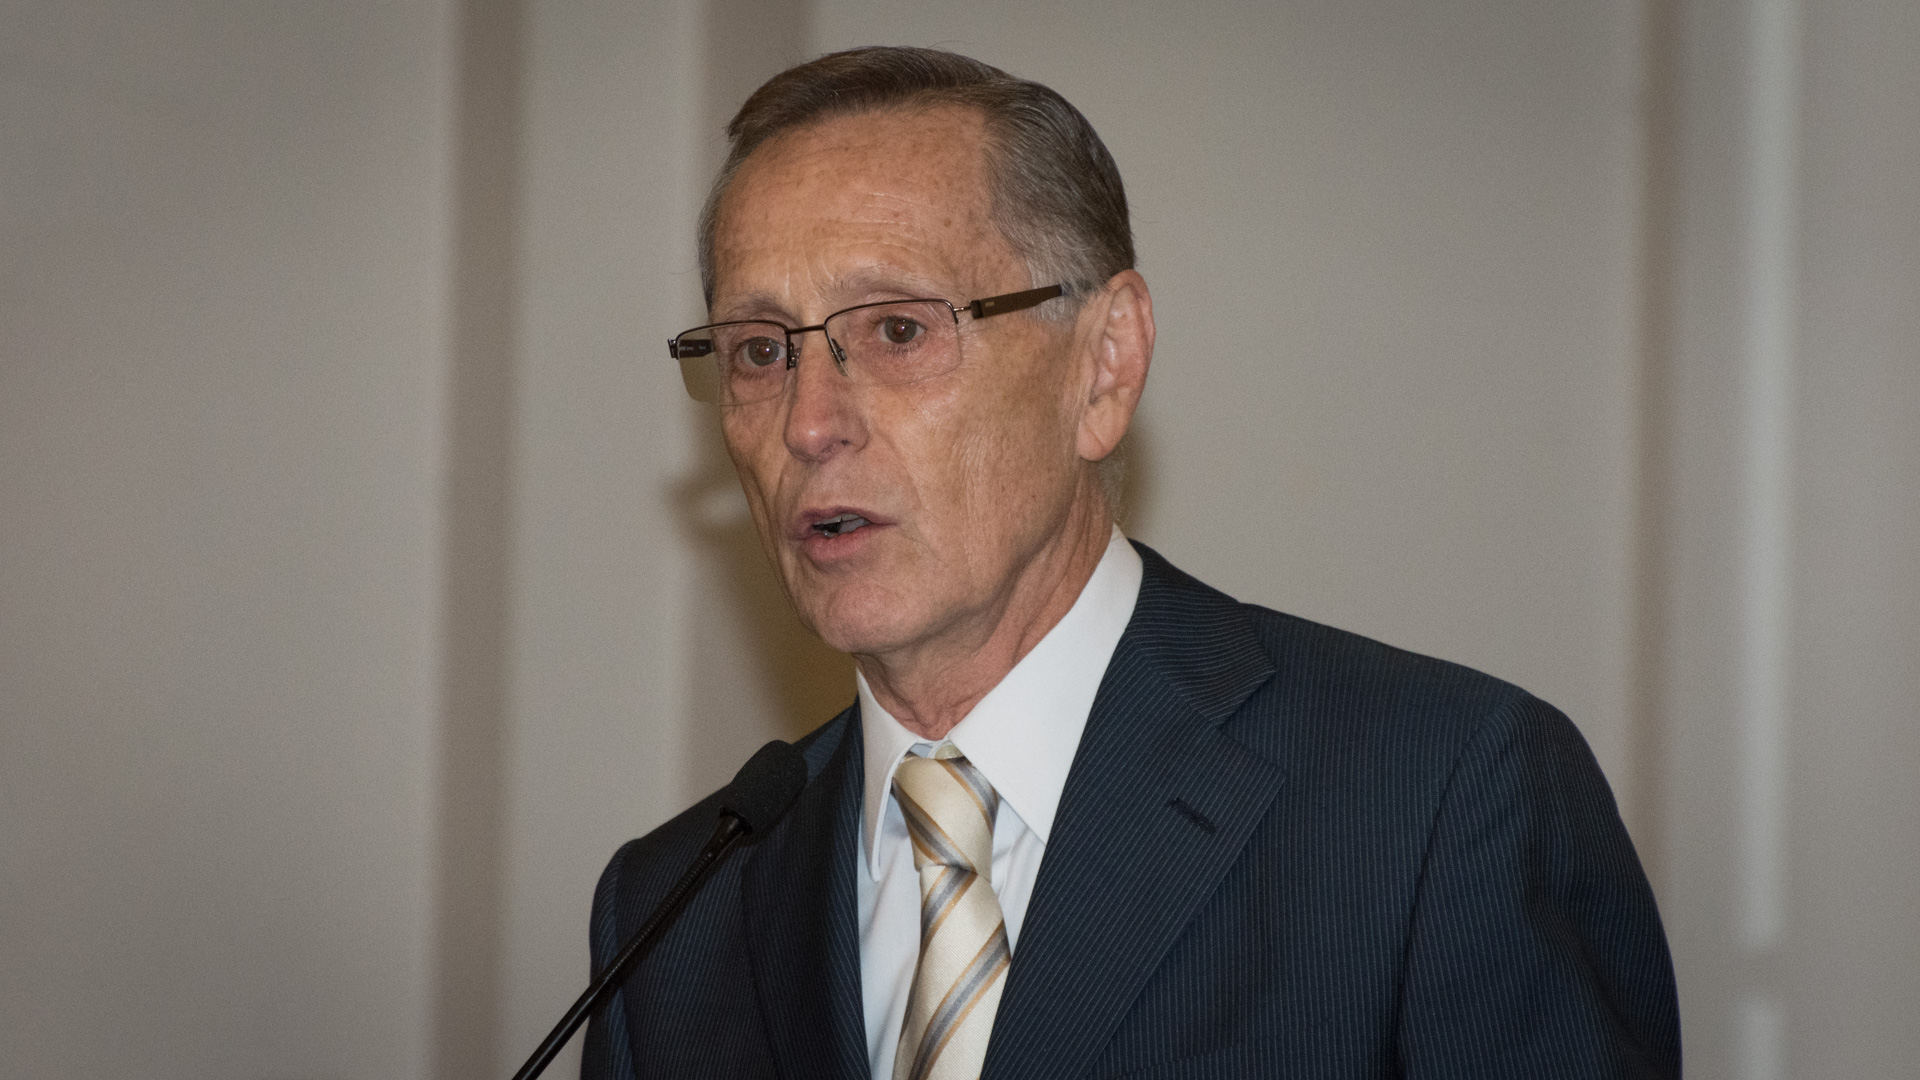 El presidente del Consejo Argentino para las Relaciones Internacionales (CARI) y ex Canciller, Adalberto Rodríguez Giavarini